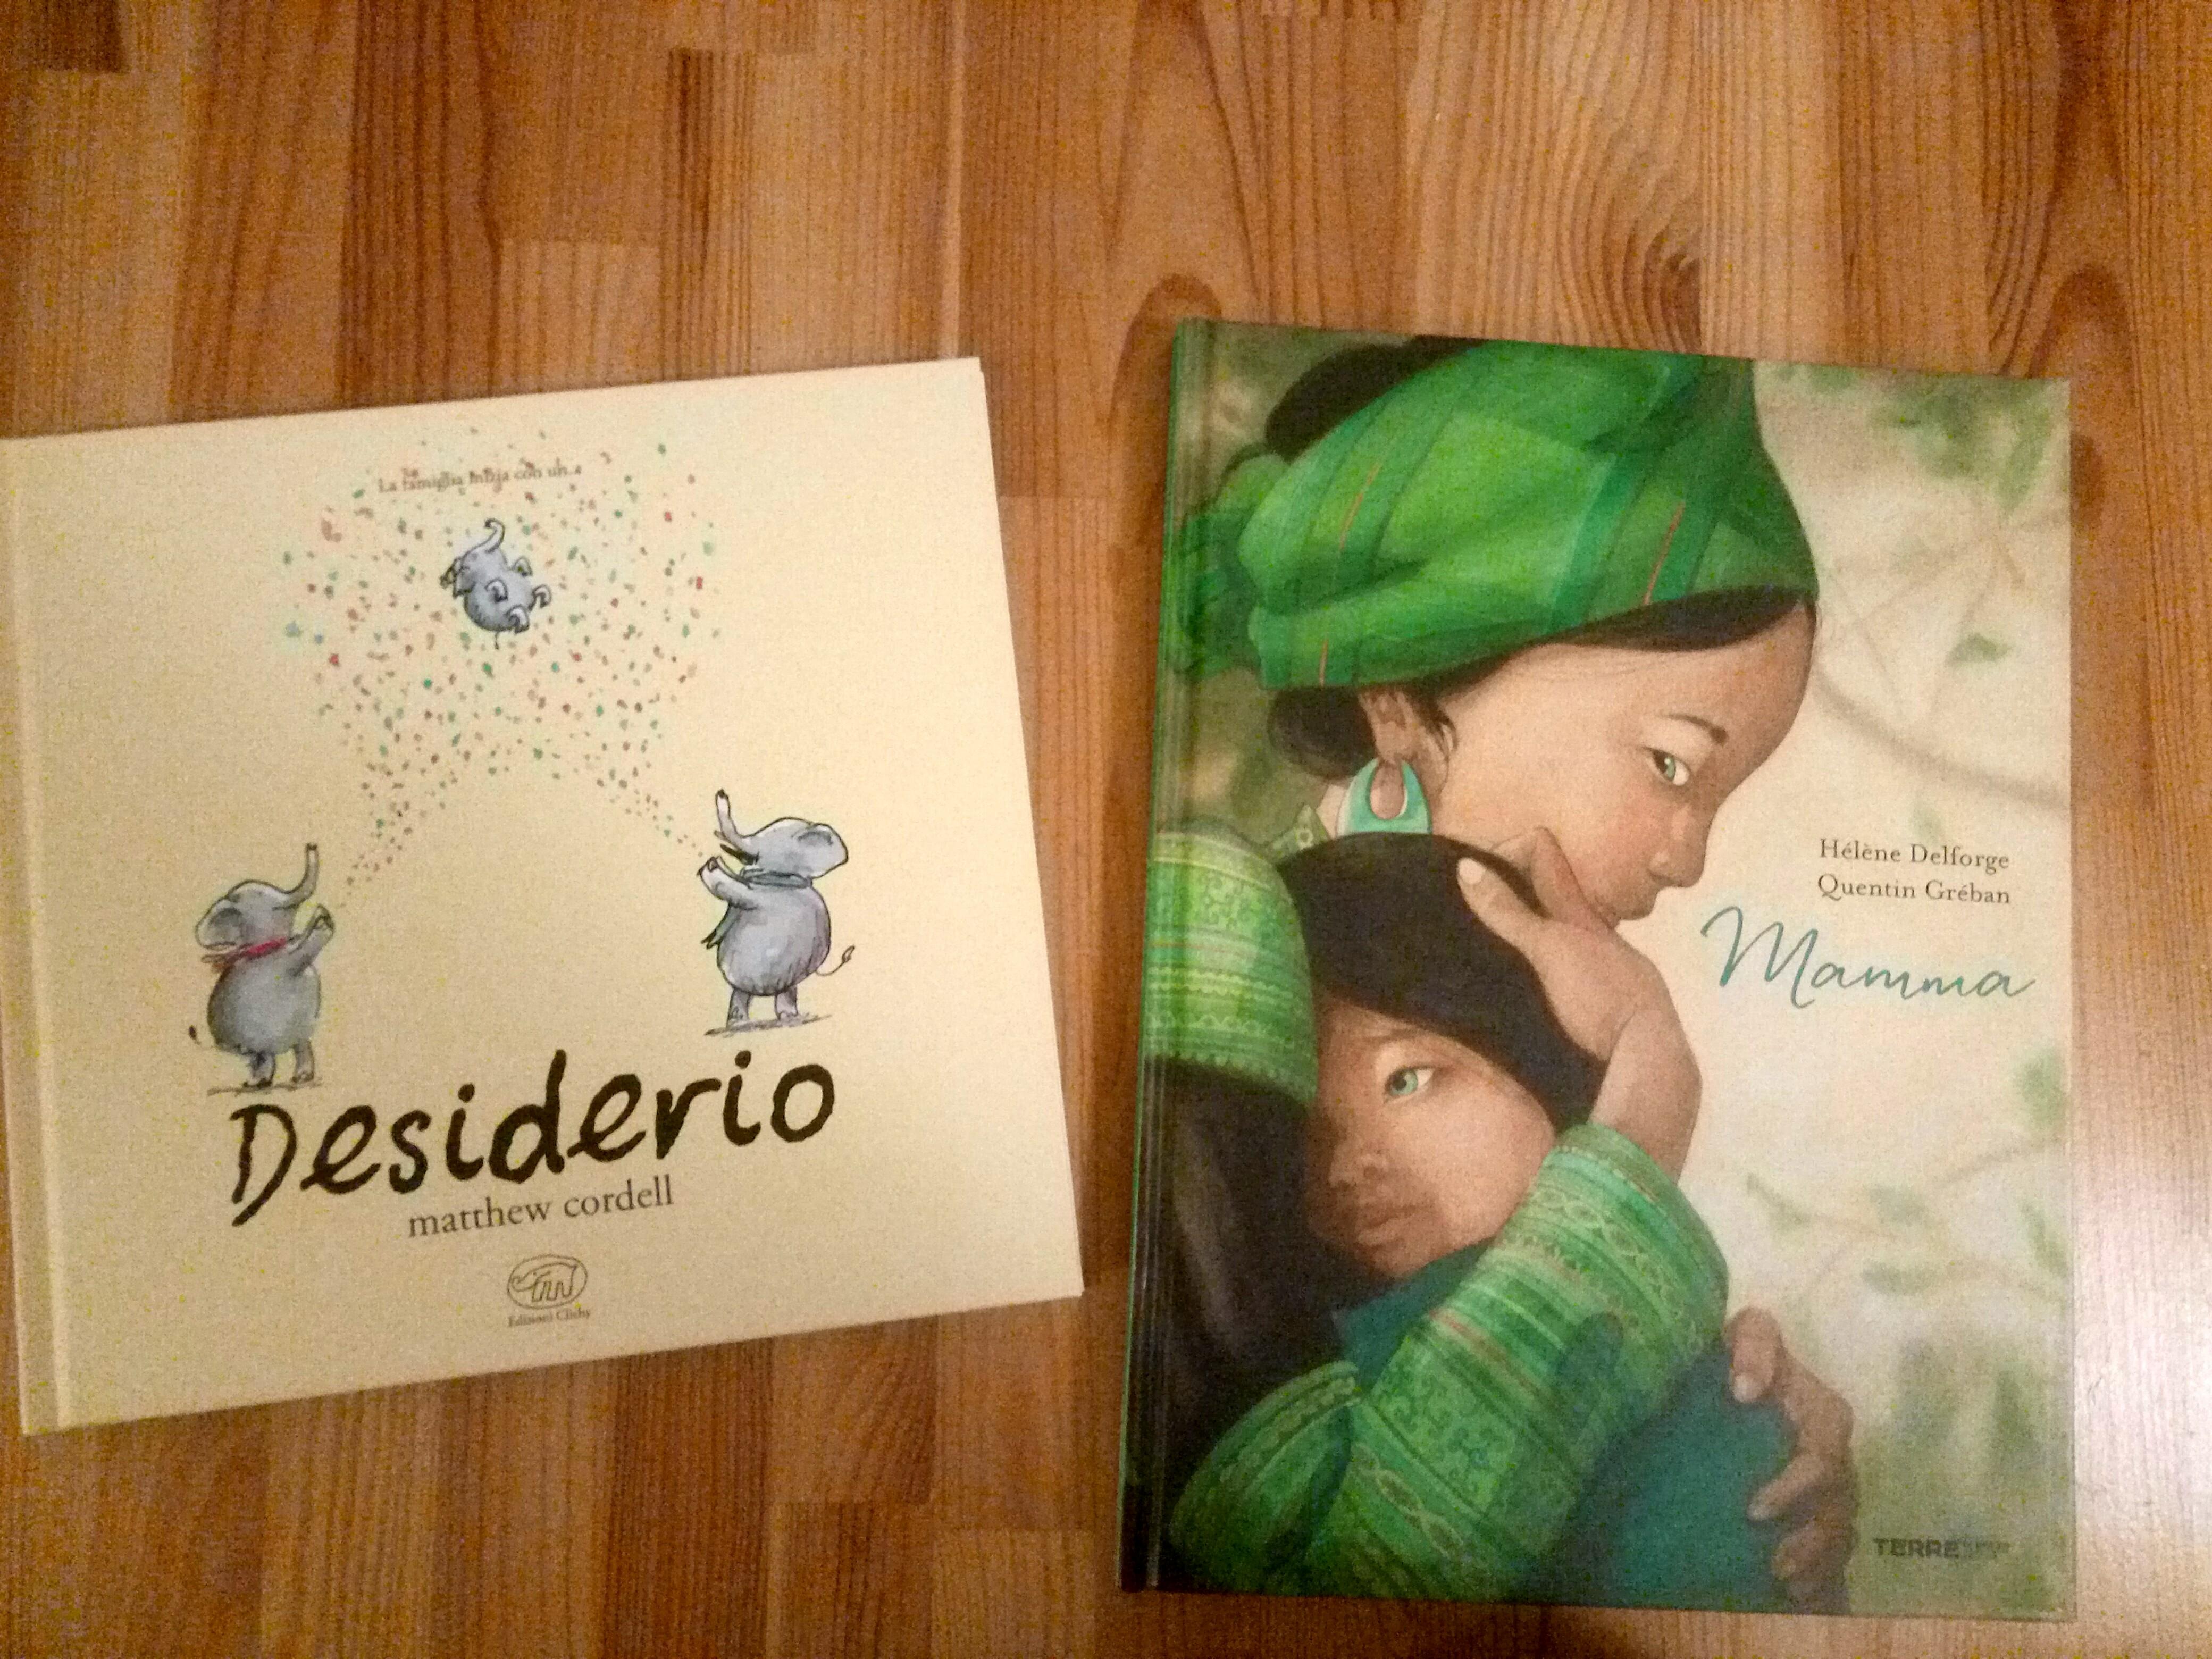 Libri per genitori attesa - Desiderio - Matthew Cordell - Mamma - Greban- Delforge